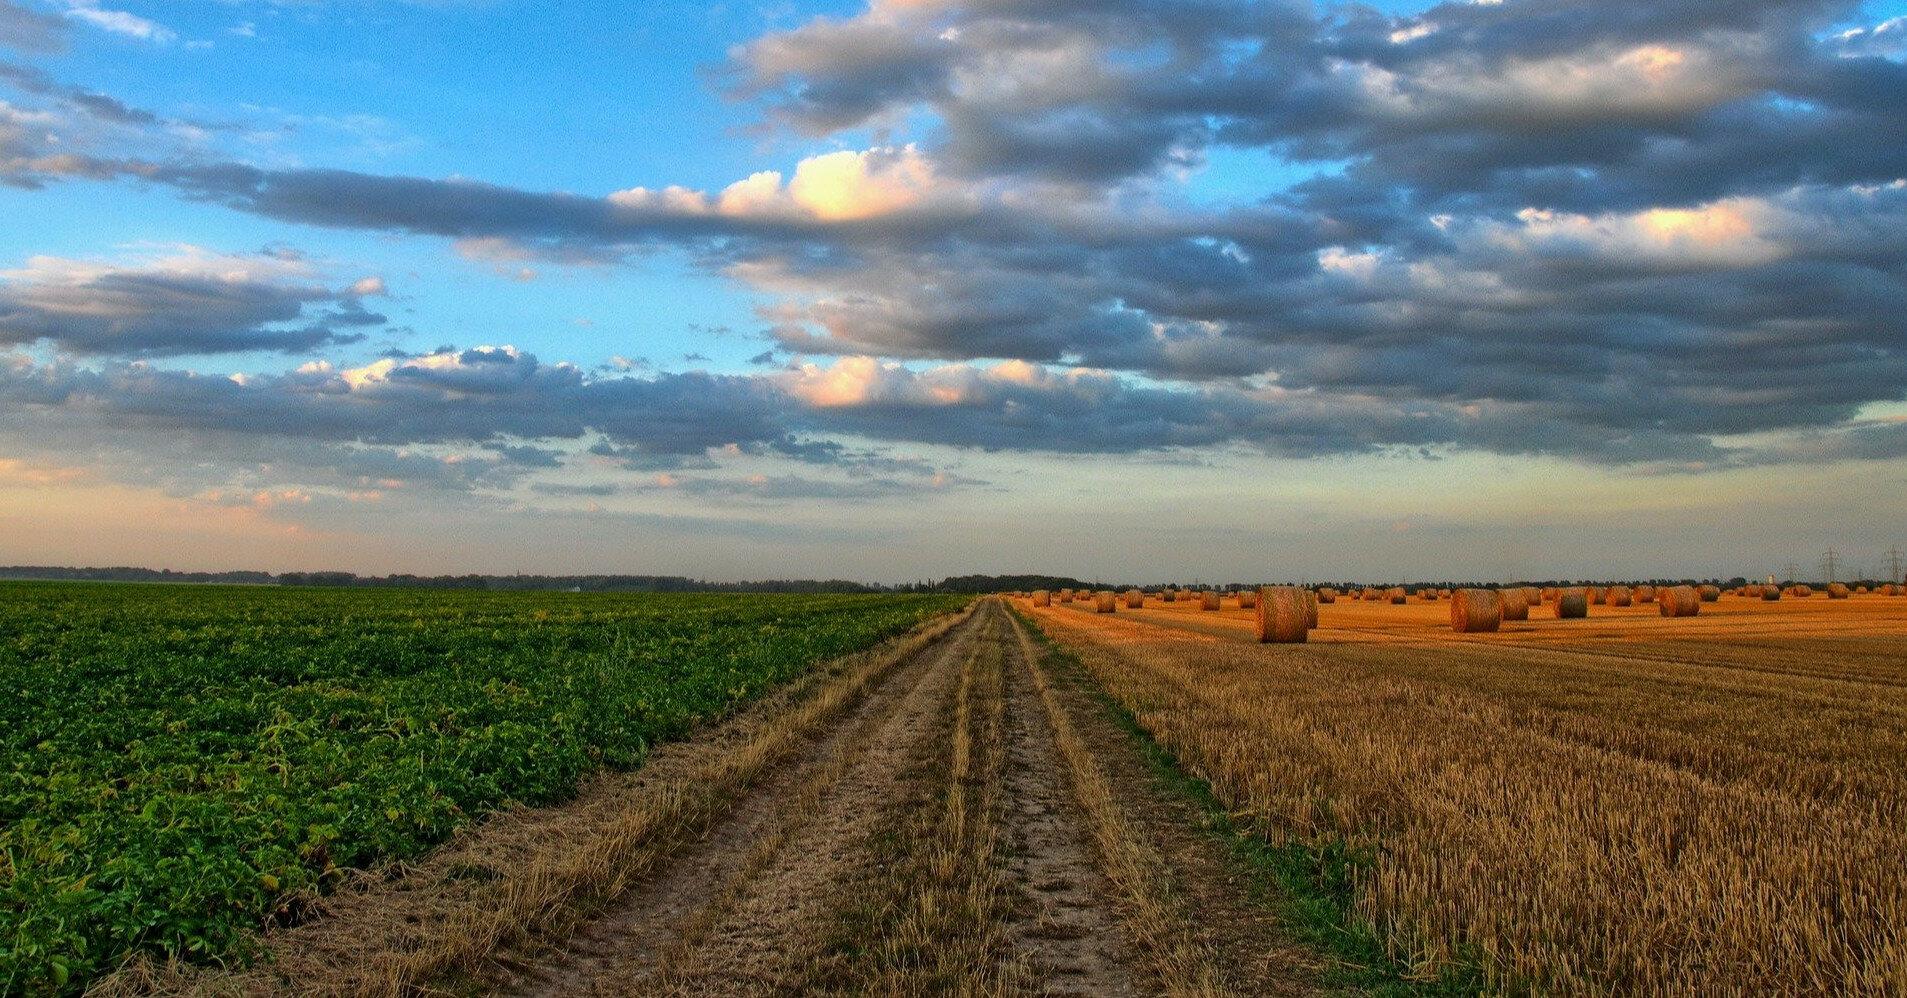 Открытие рынка земли: способы защиты прав на землю